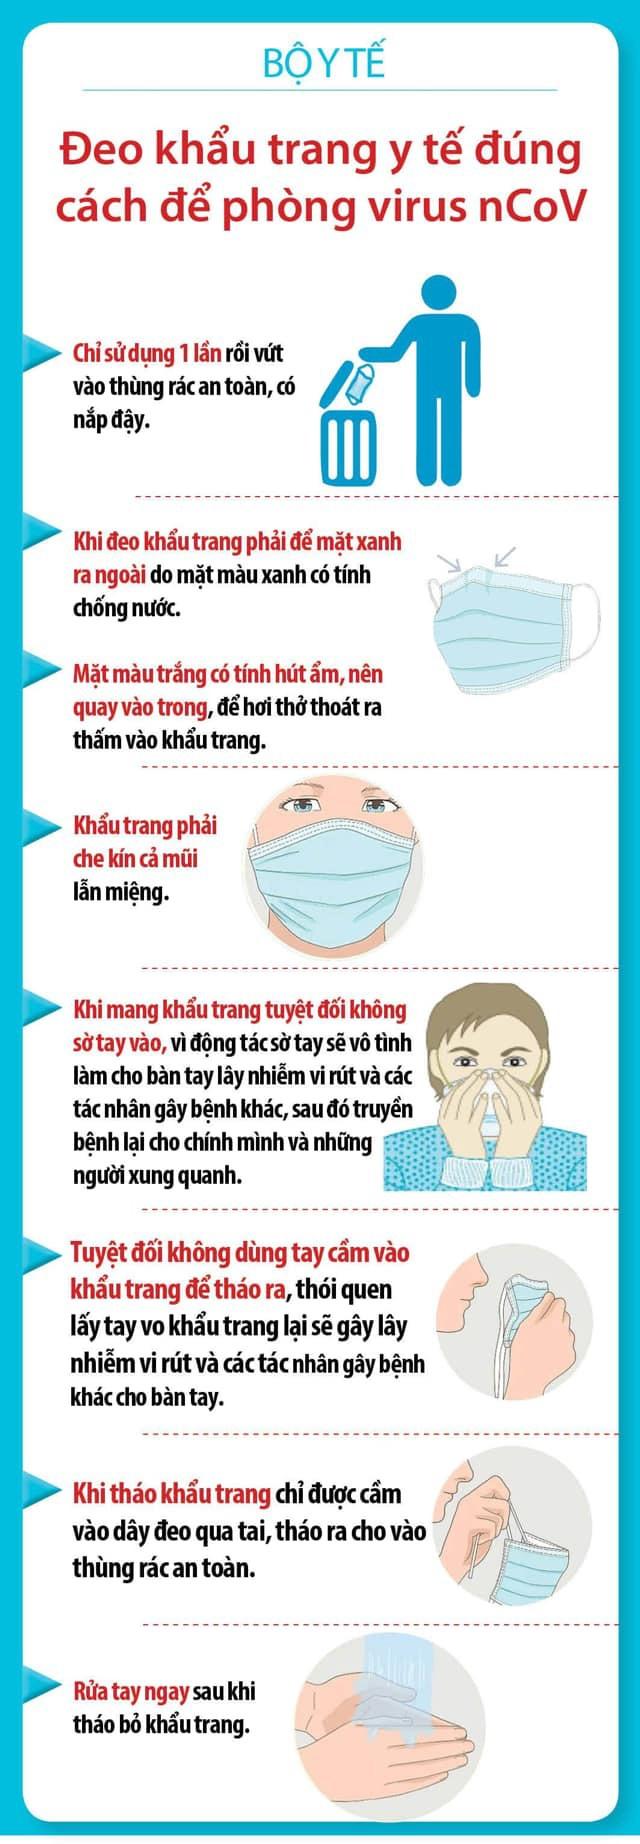 [Infographic] - Hướng dẫn đeo khẩu trang đúng cách đề phòng vi rút corona